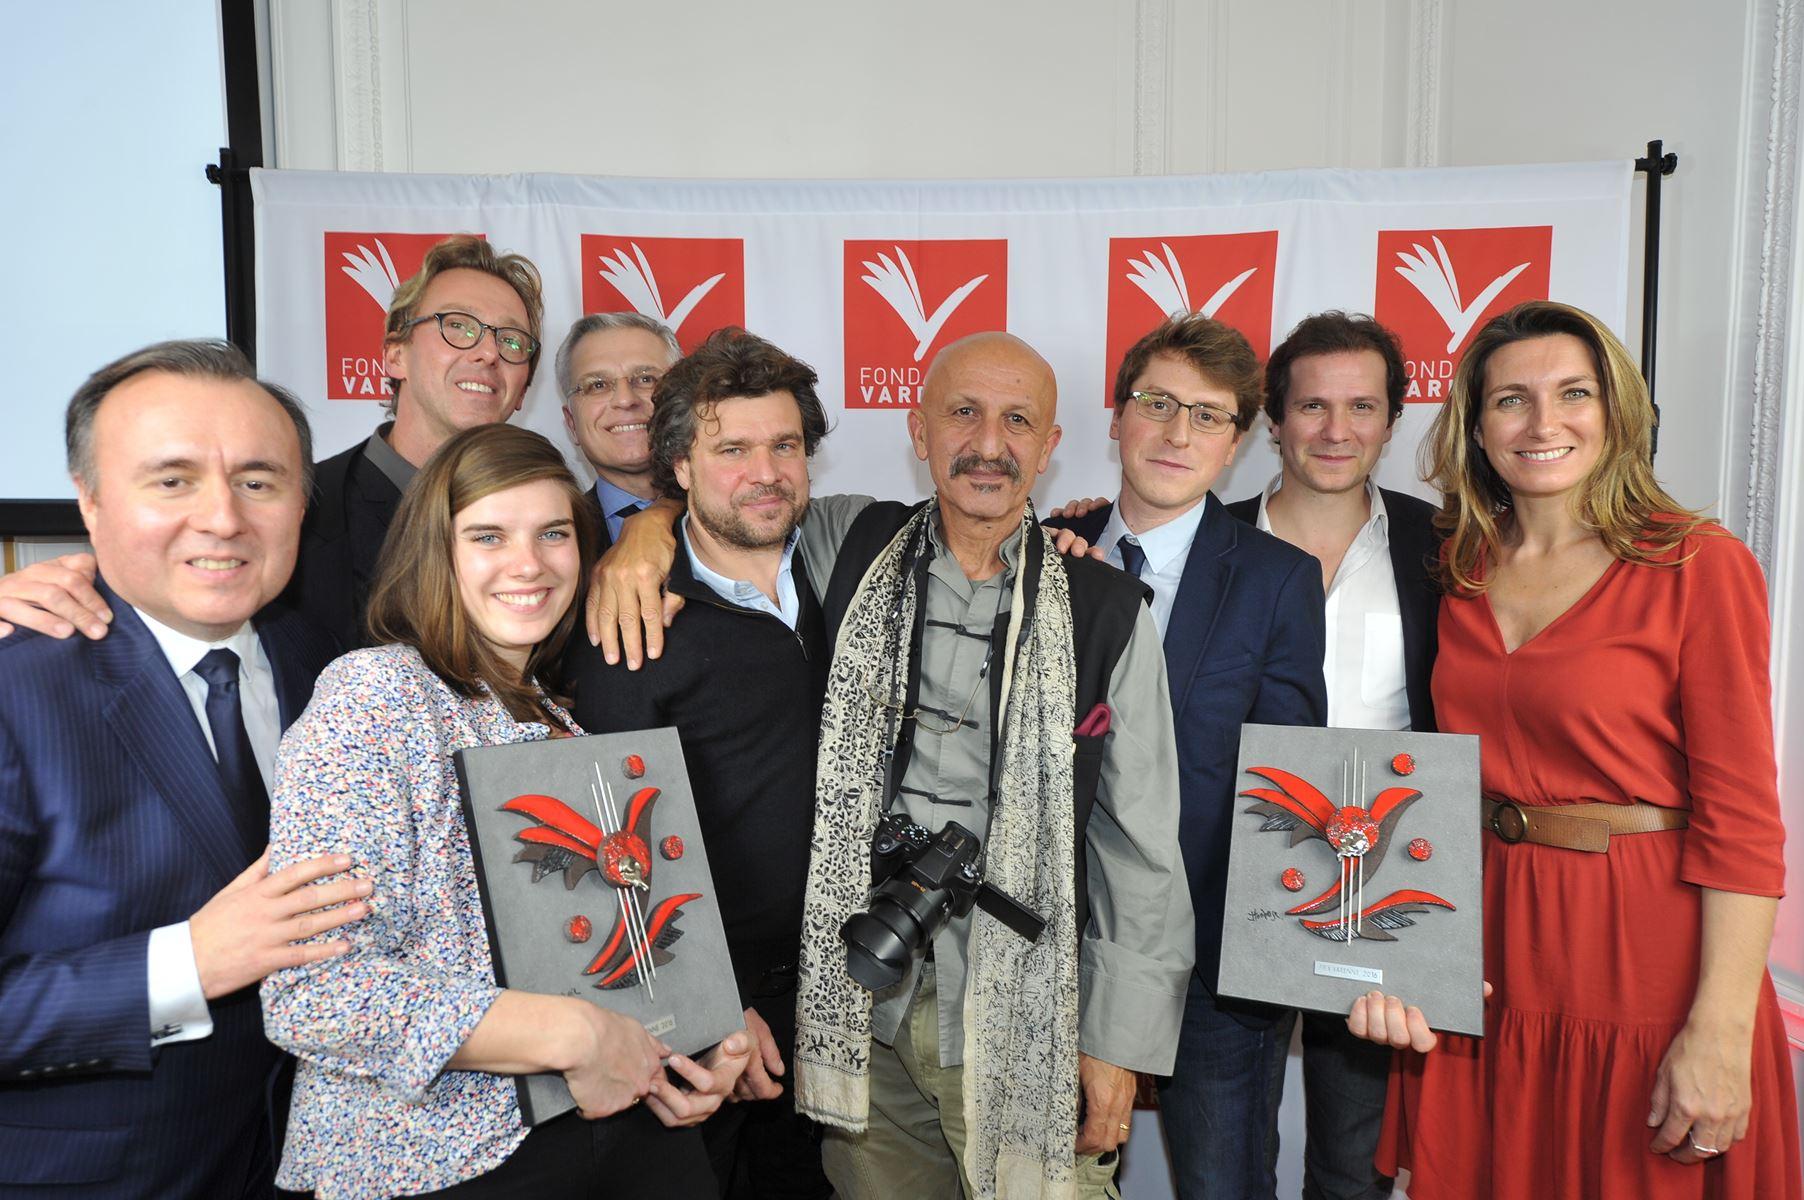 Marie Demarque et Nicolas Bellemont les lauréats JRI entourés d'Anne-Claire Coudray, Philippe Morand, Reza,etc